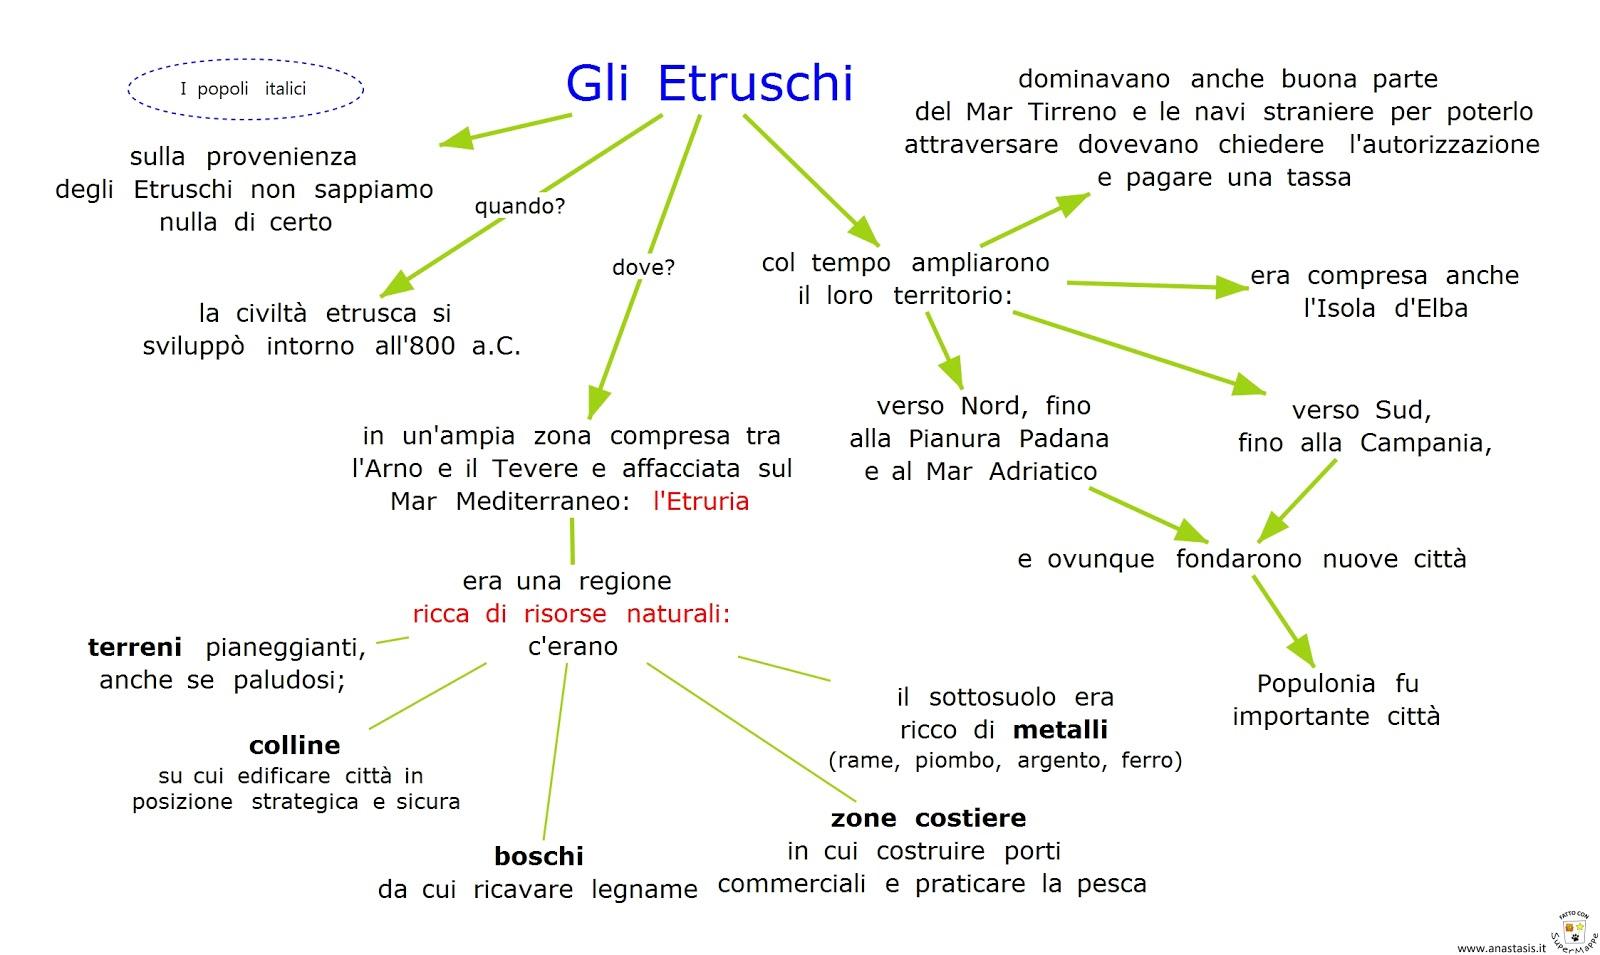 Etruschi - Lavorazione di ceramice e oro